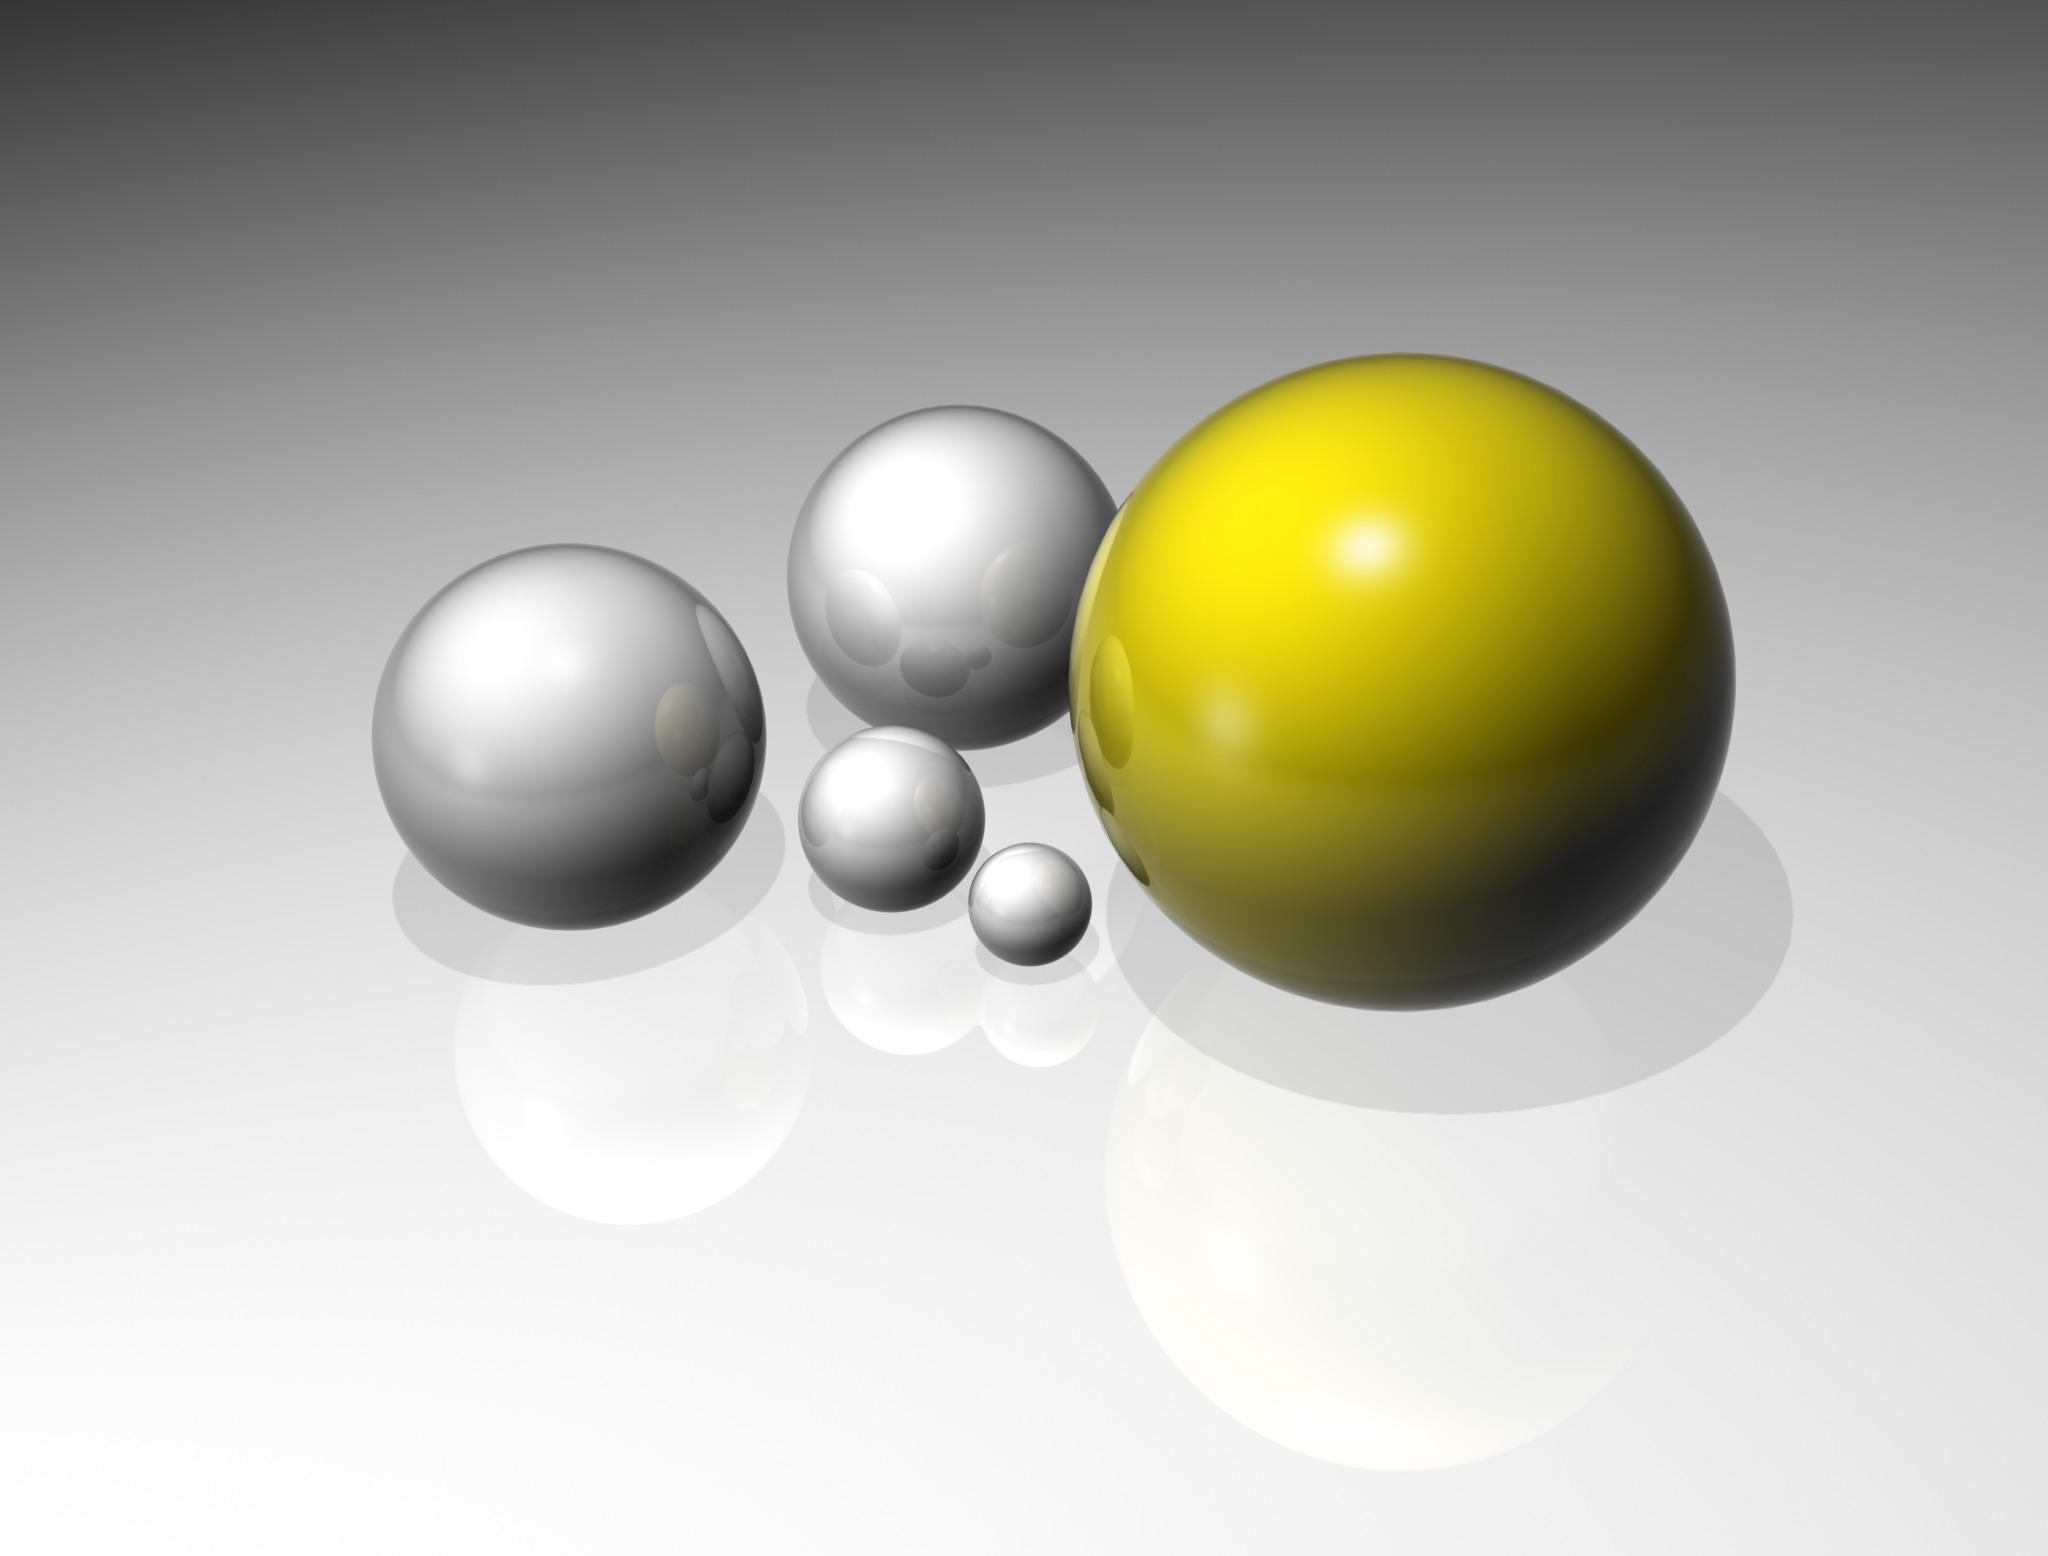 Reflecting spheres photo